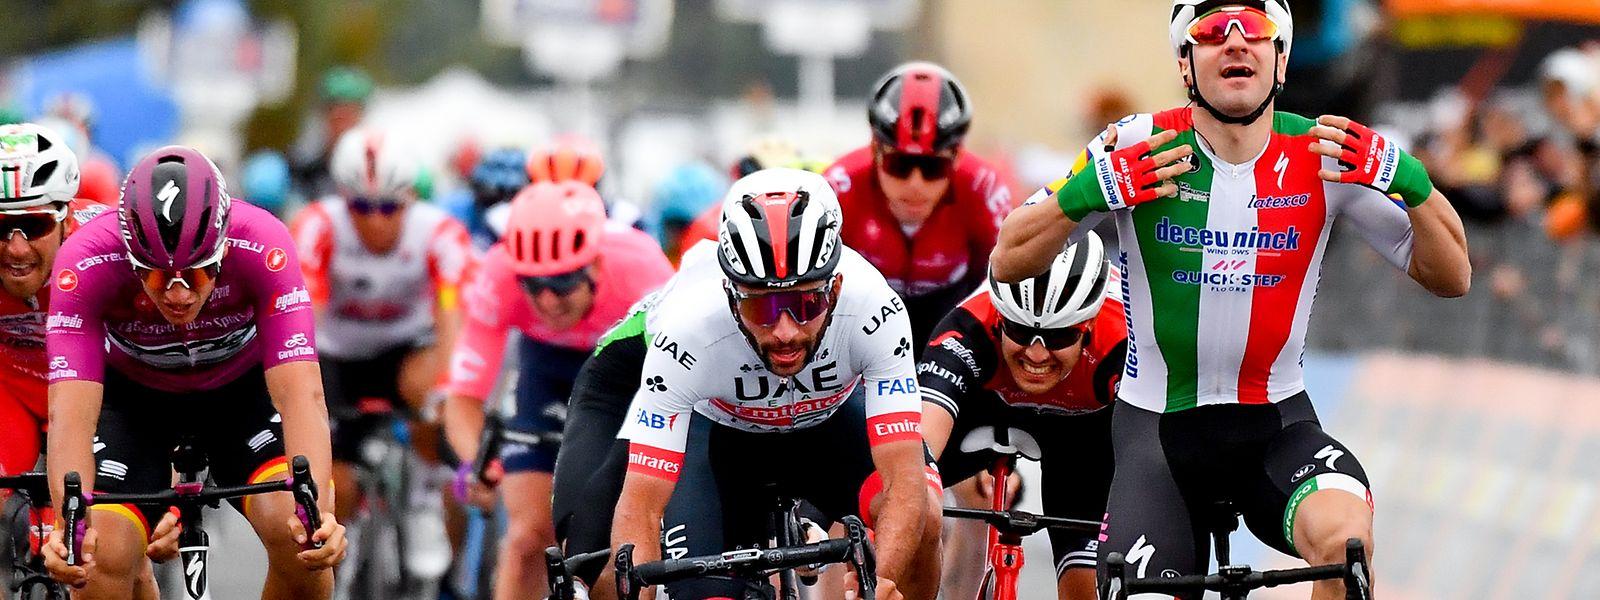 Elia Viviani (r.) jubelte zwar am Montag, aber der Etappenzweite Fernando Gaviria (im weißen Trikot) wurde wenig später zum Sieger ernannt.